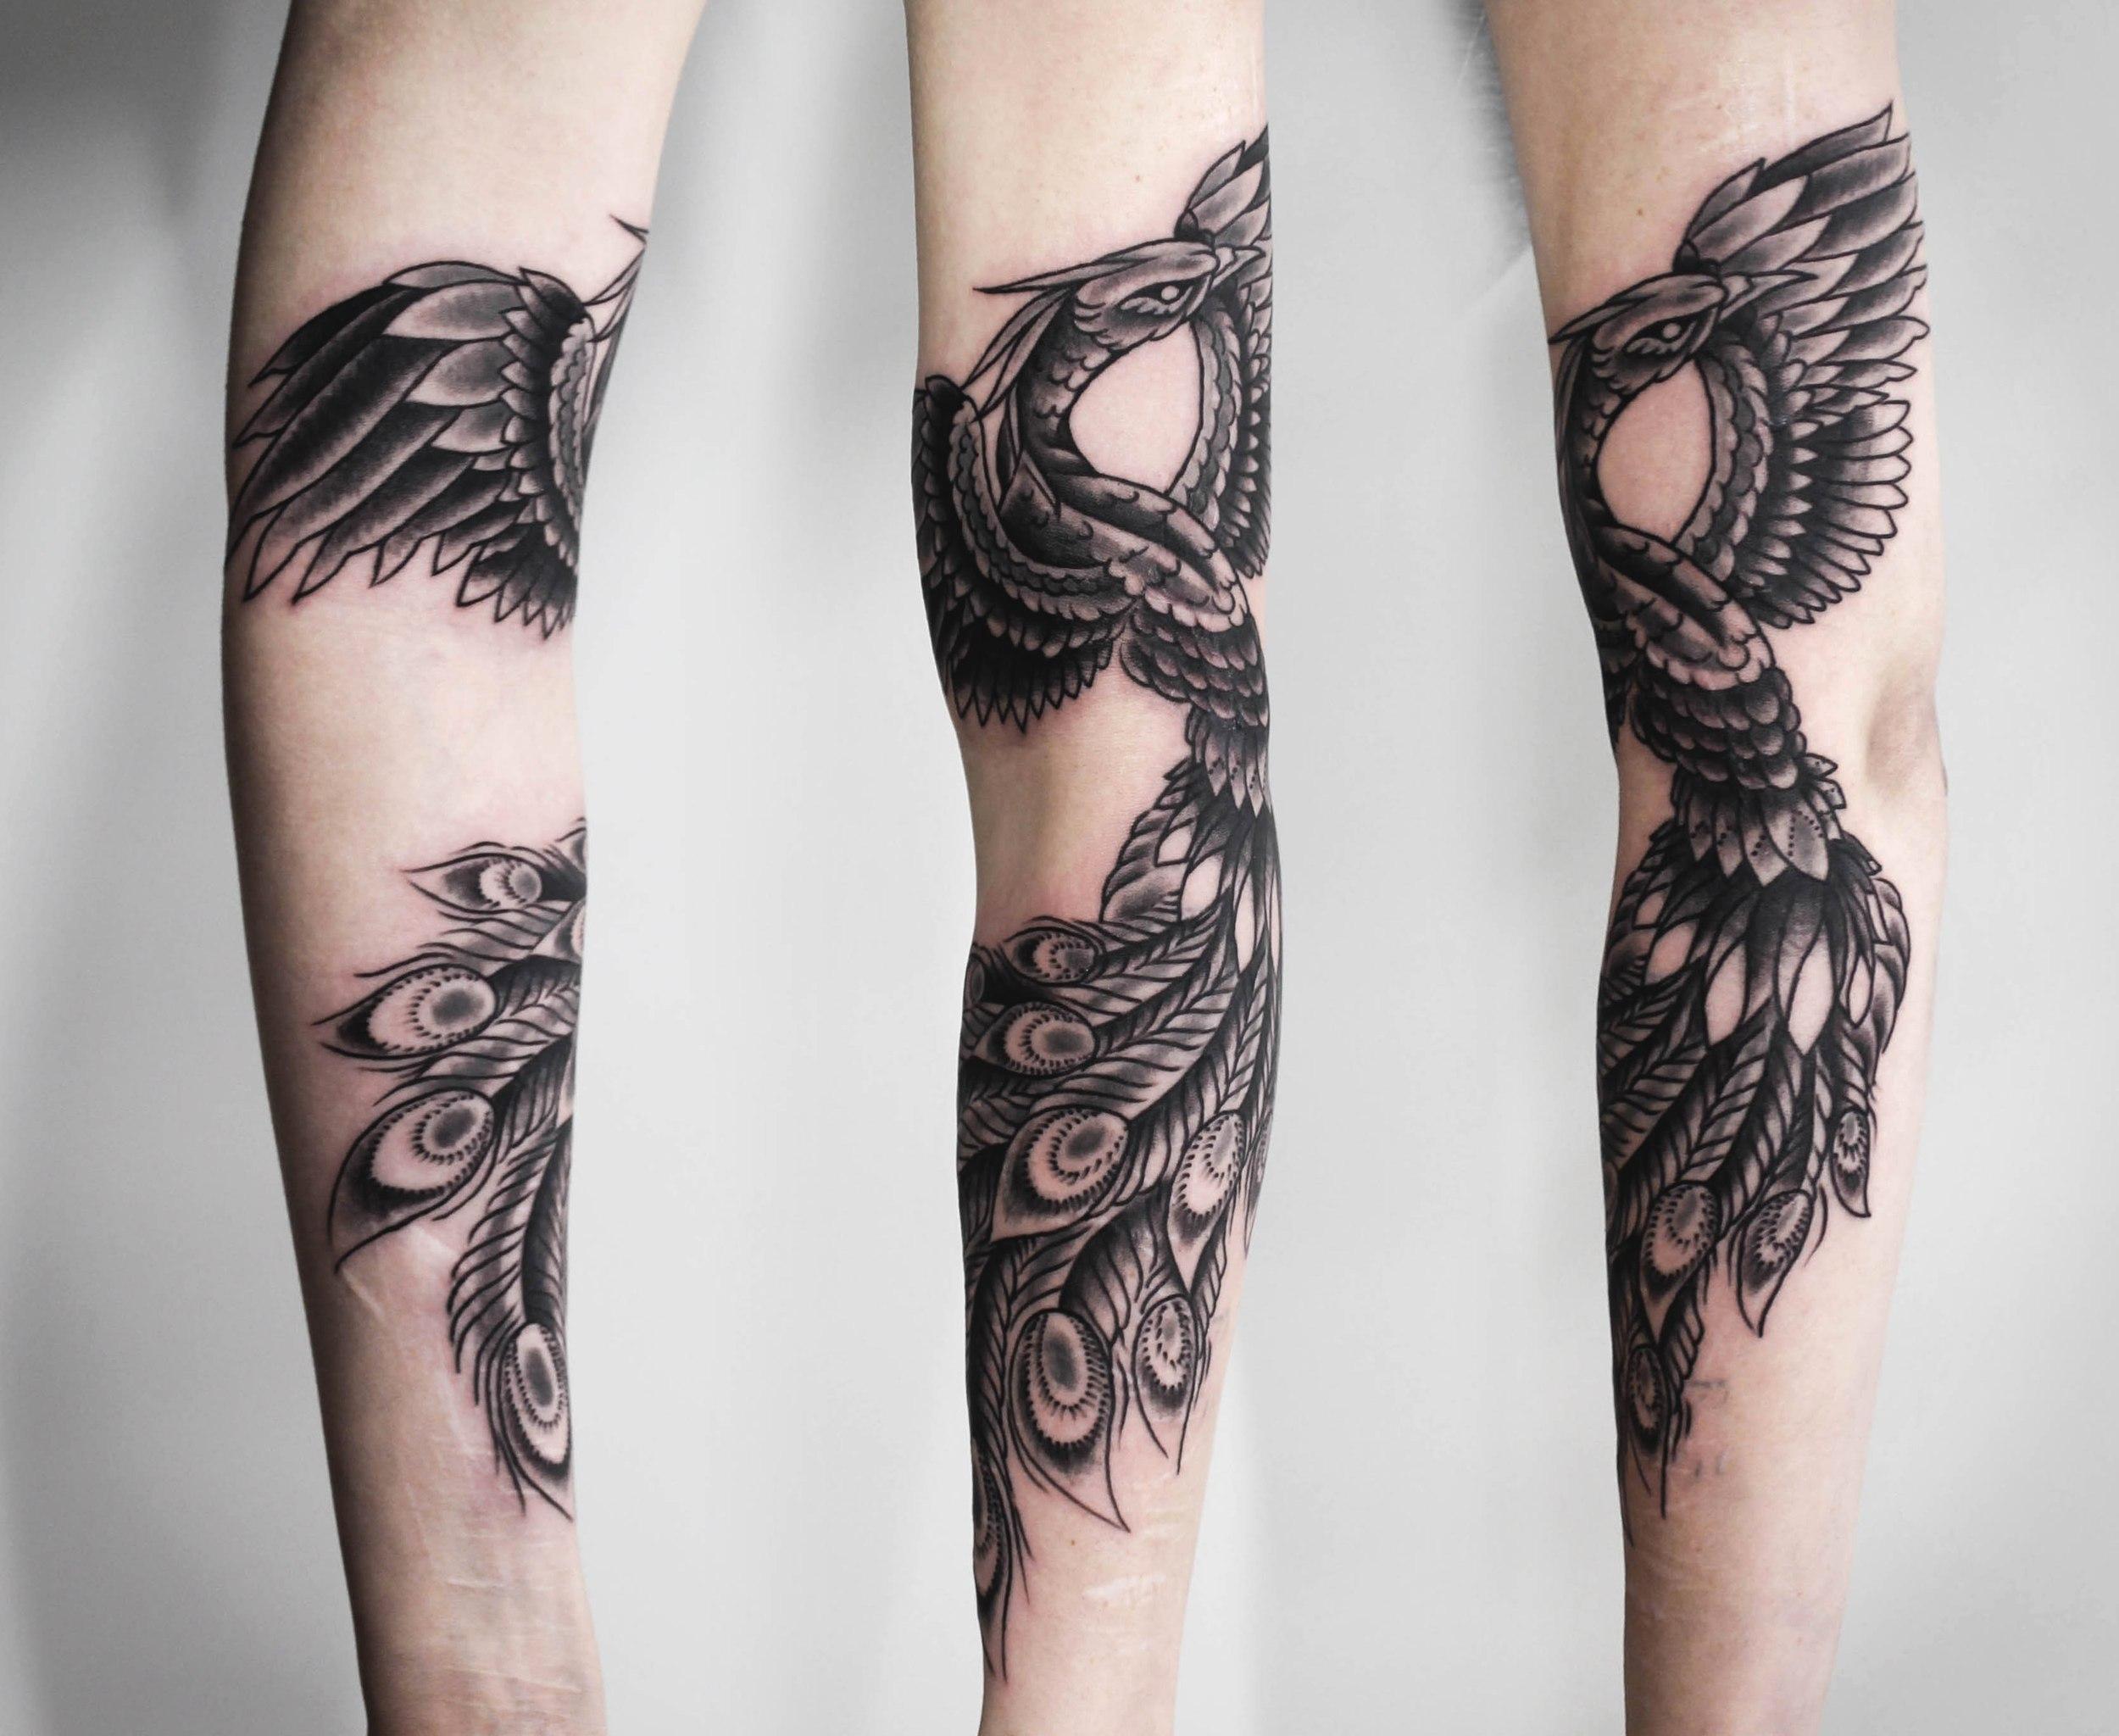 """Художественная татуировка """"Феникс"""". Мастер Денис Марахин. Расположение: внутренняя часть руки и предплечье."""